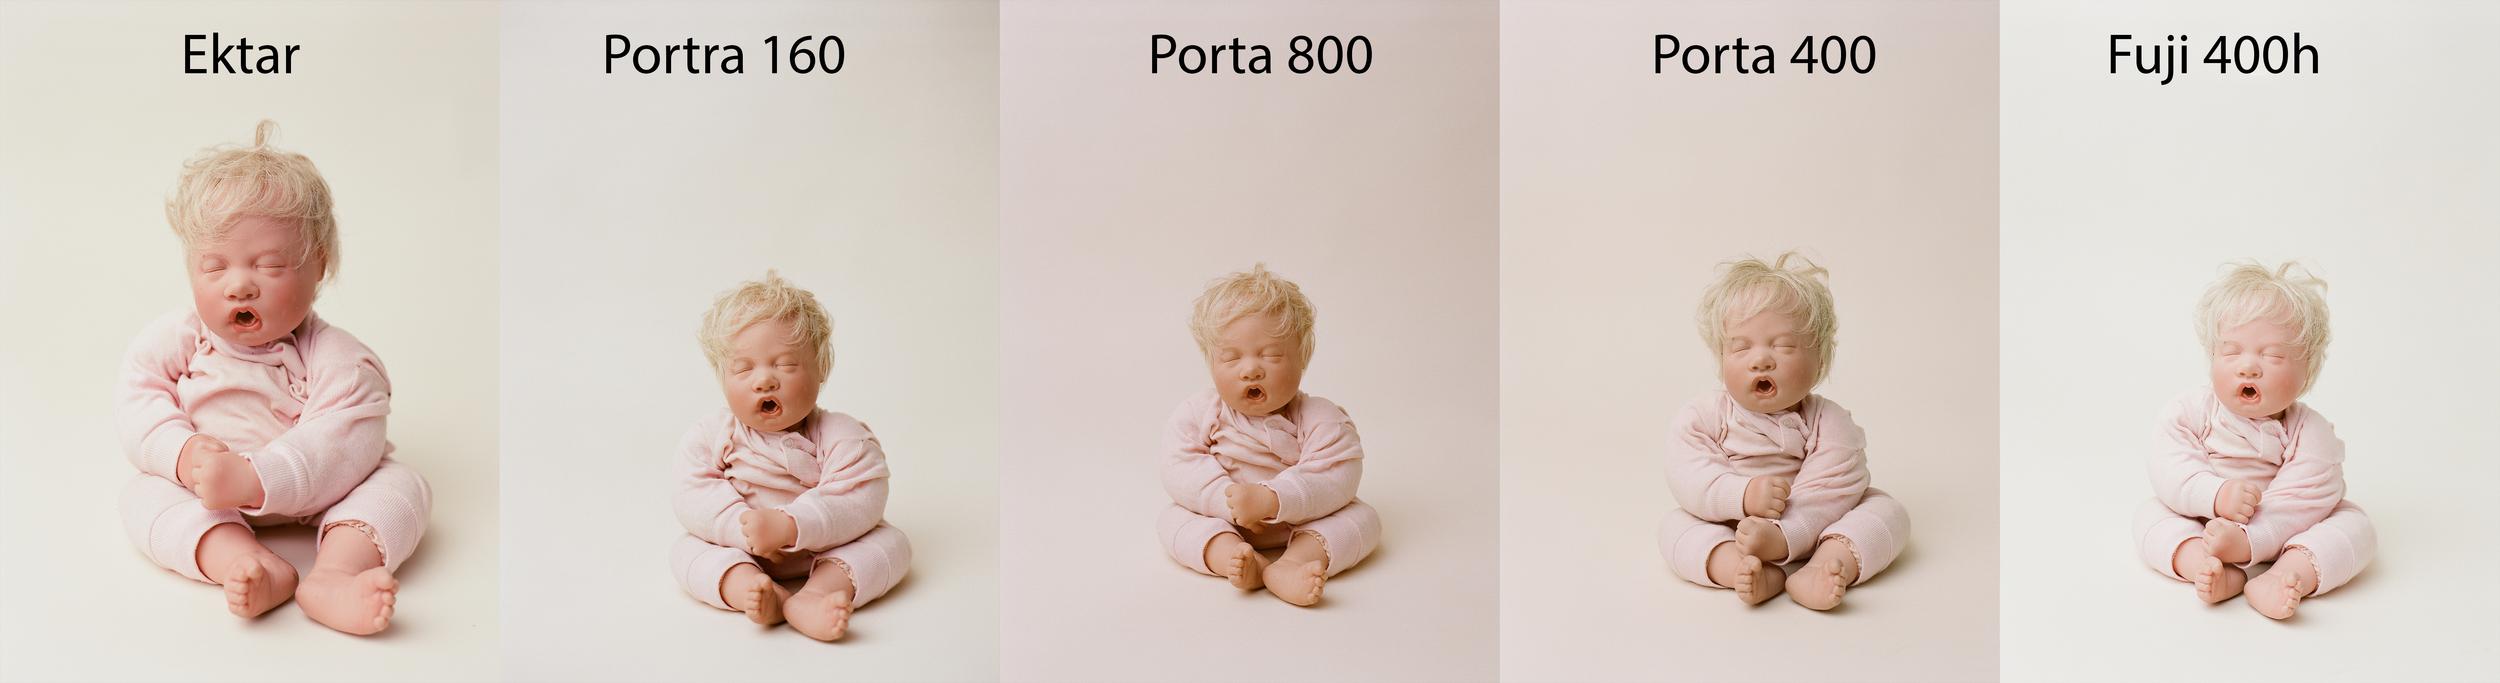 Film comparison by Sandra Coan